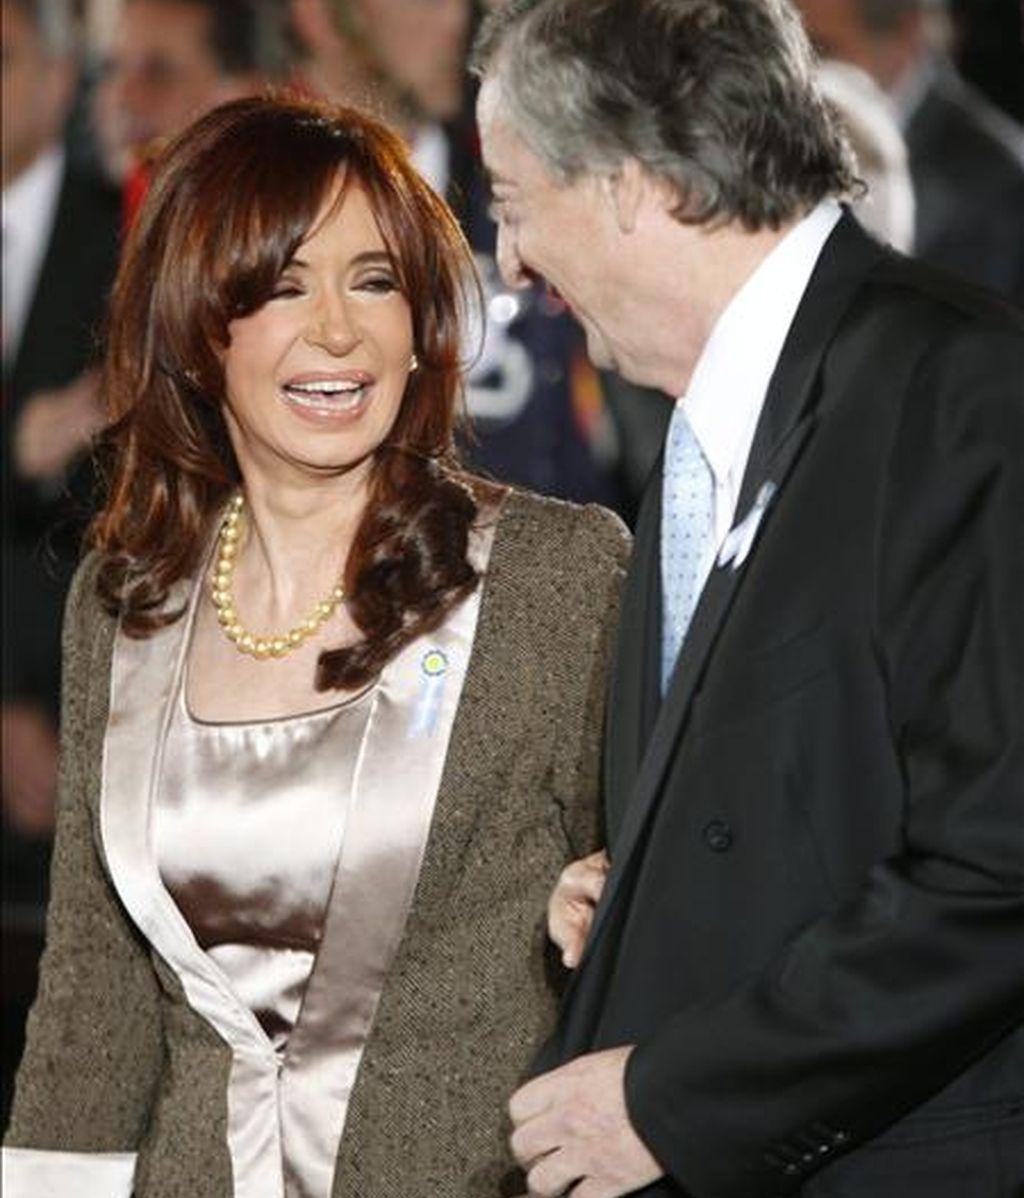 El patrimonio neto de los Kirchner mejoró además por un aumento del valor de las empresas Los Sauces y Hotesur, propietarias de sendos hoteles en la villa turística de El Calafate, en la Patagonia argentina, agregó. EFE/Archivo